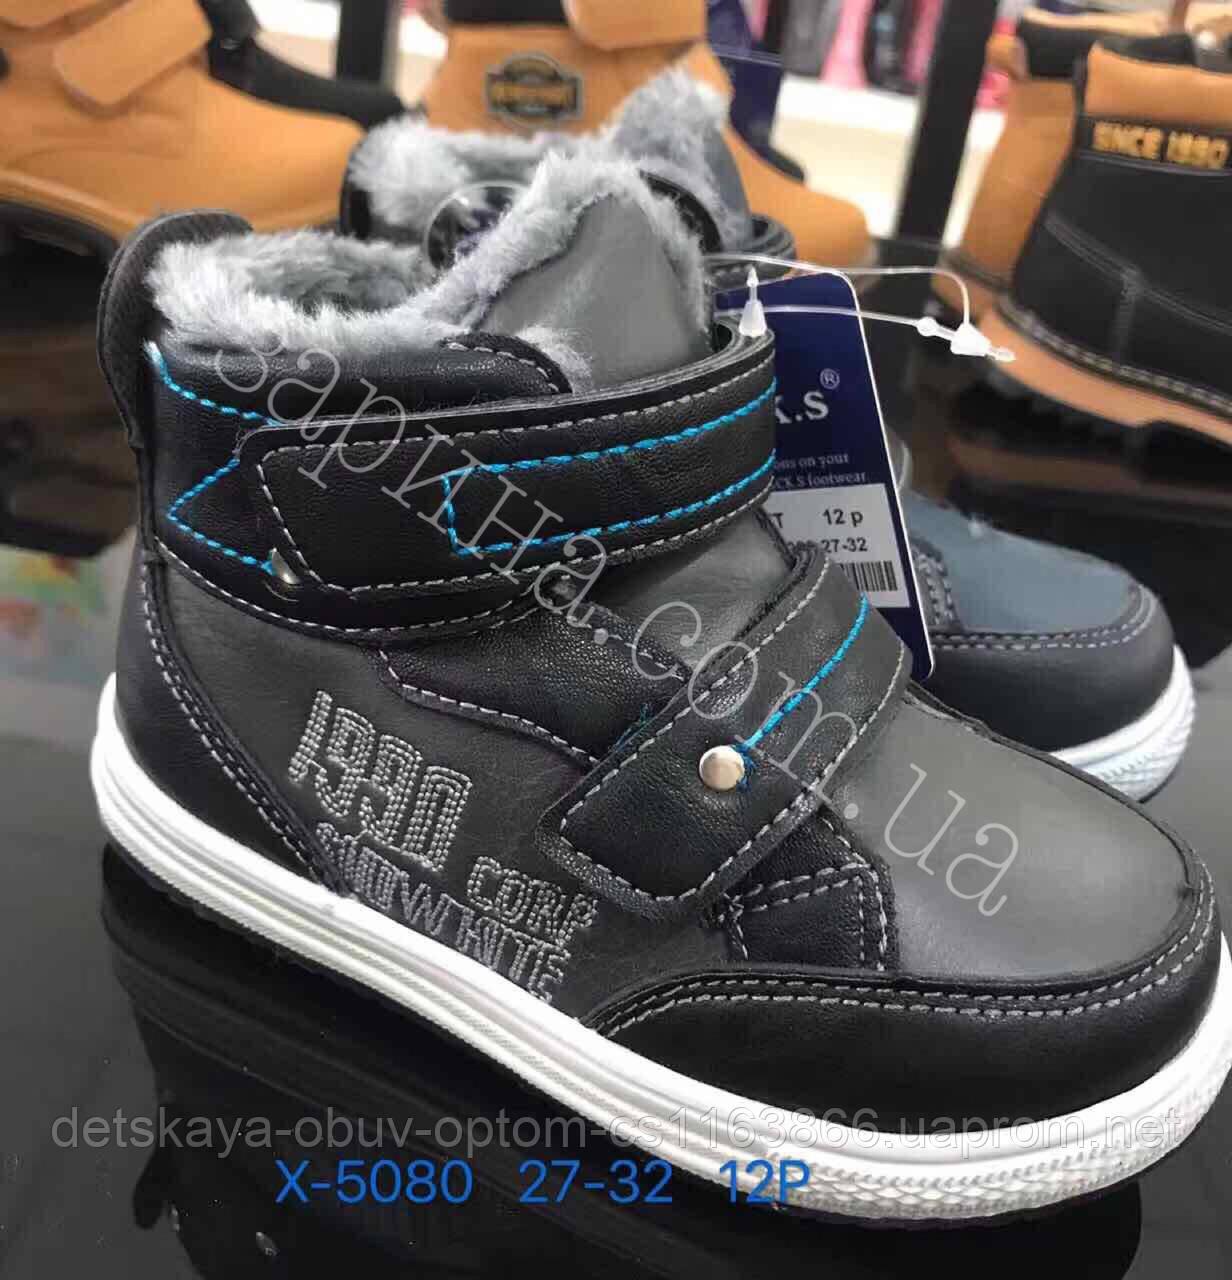 672f3682 Зимние детские ботинки на липучках для мальчиков Размеры 27-32, фото 1